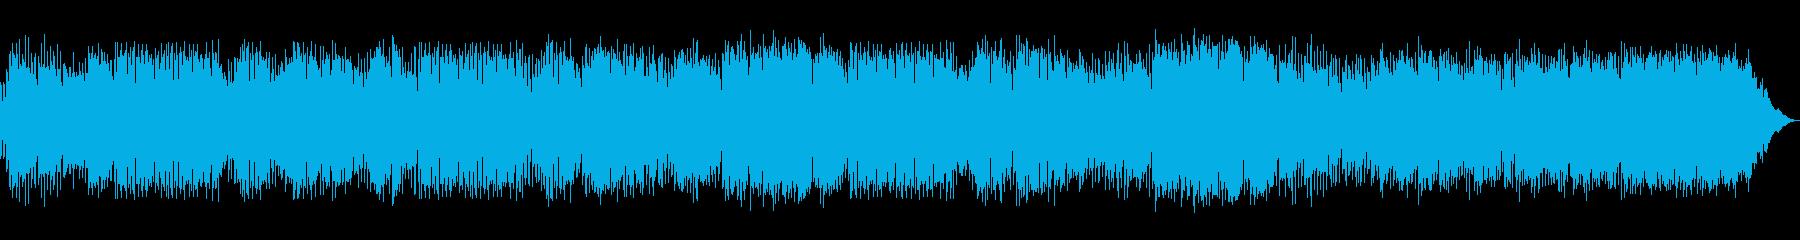 ハード・ヘビーでダンサブルなハードロックの再生済みの波形